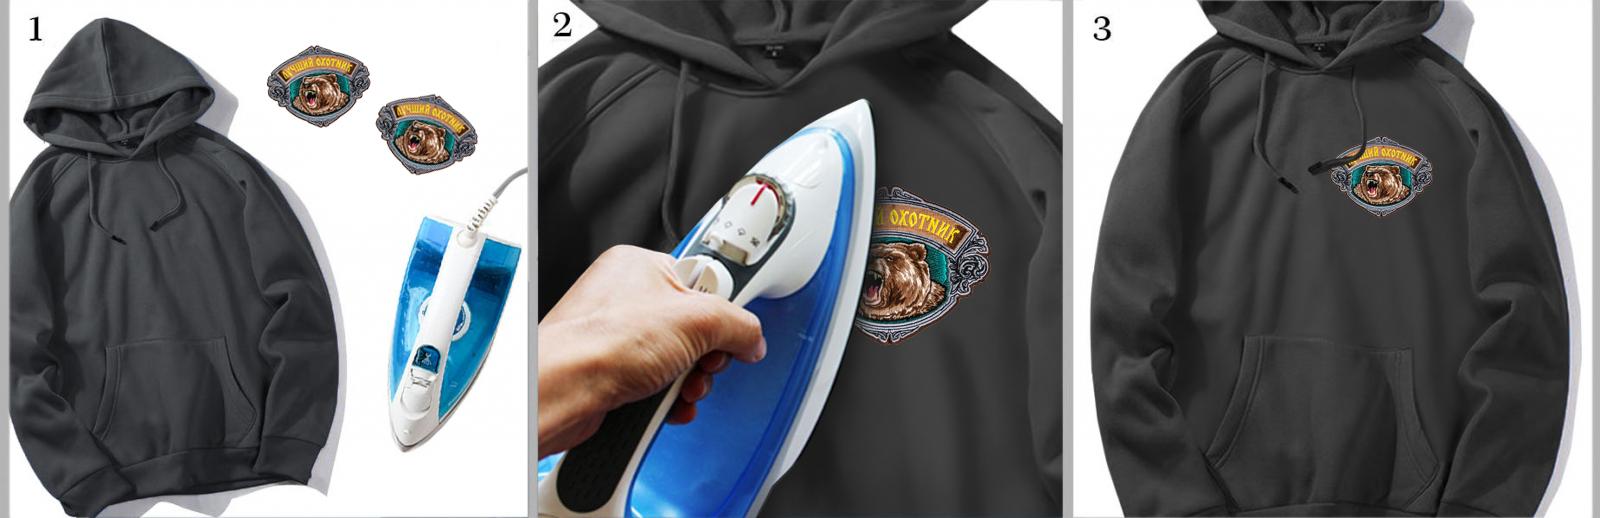 Охотничьи термонашивки – никаких ниток и иголок. Используй утюг!